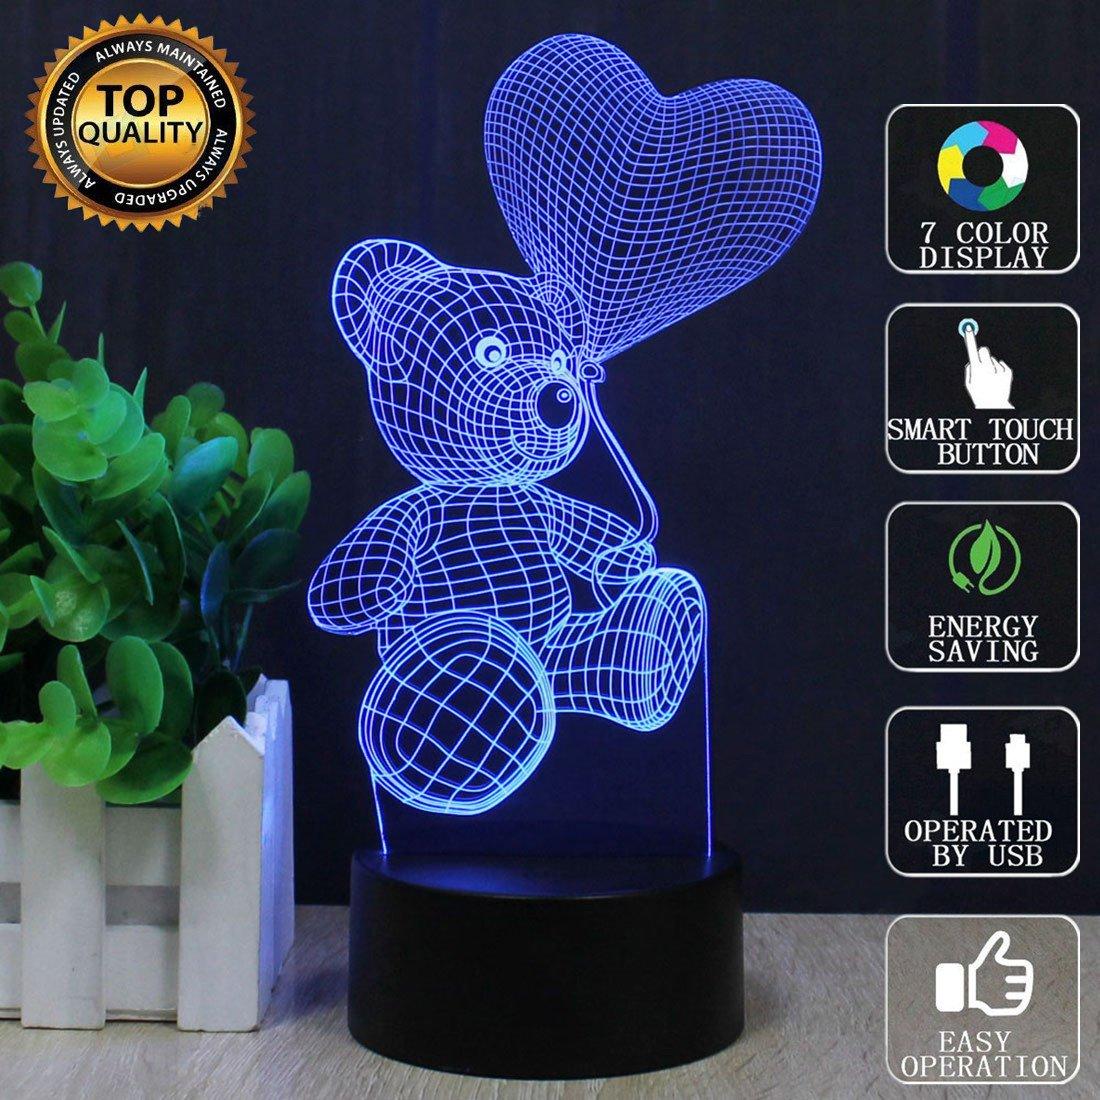 orso di cartoni animati 3D Illusion Lampada Led Night Light con 7 colori Lampeggiante e Touch Switch USB Powered Camera da letto Lampada da tavolo per i bambini Regali Decorazione della casa 1